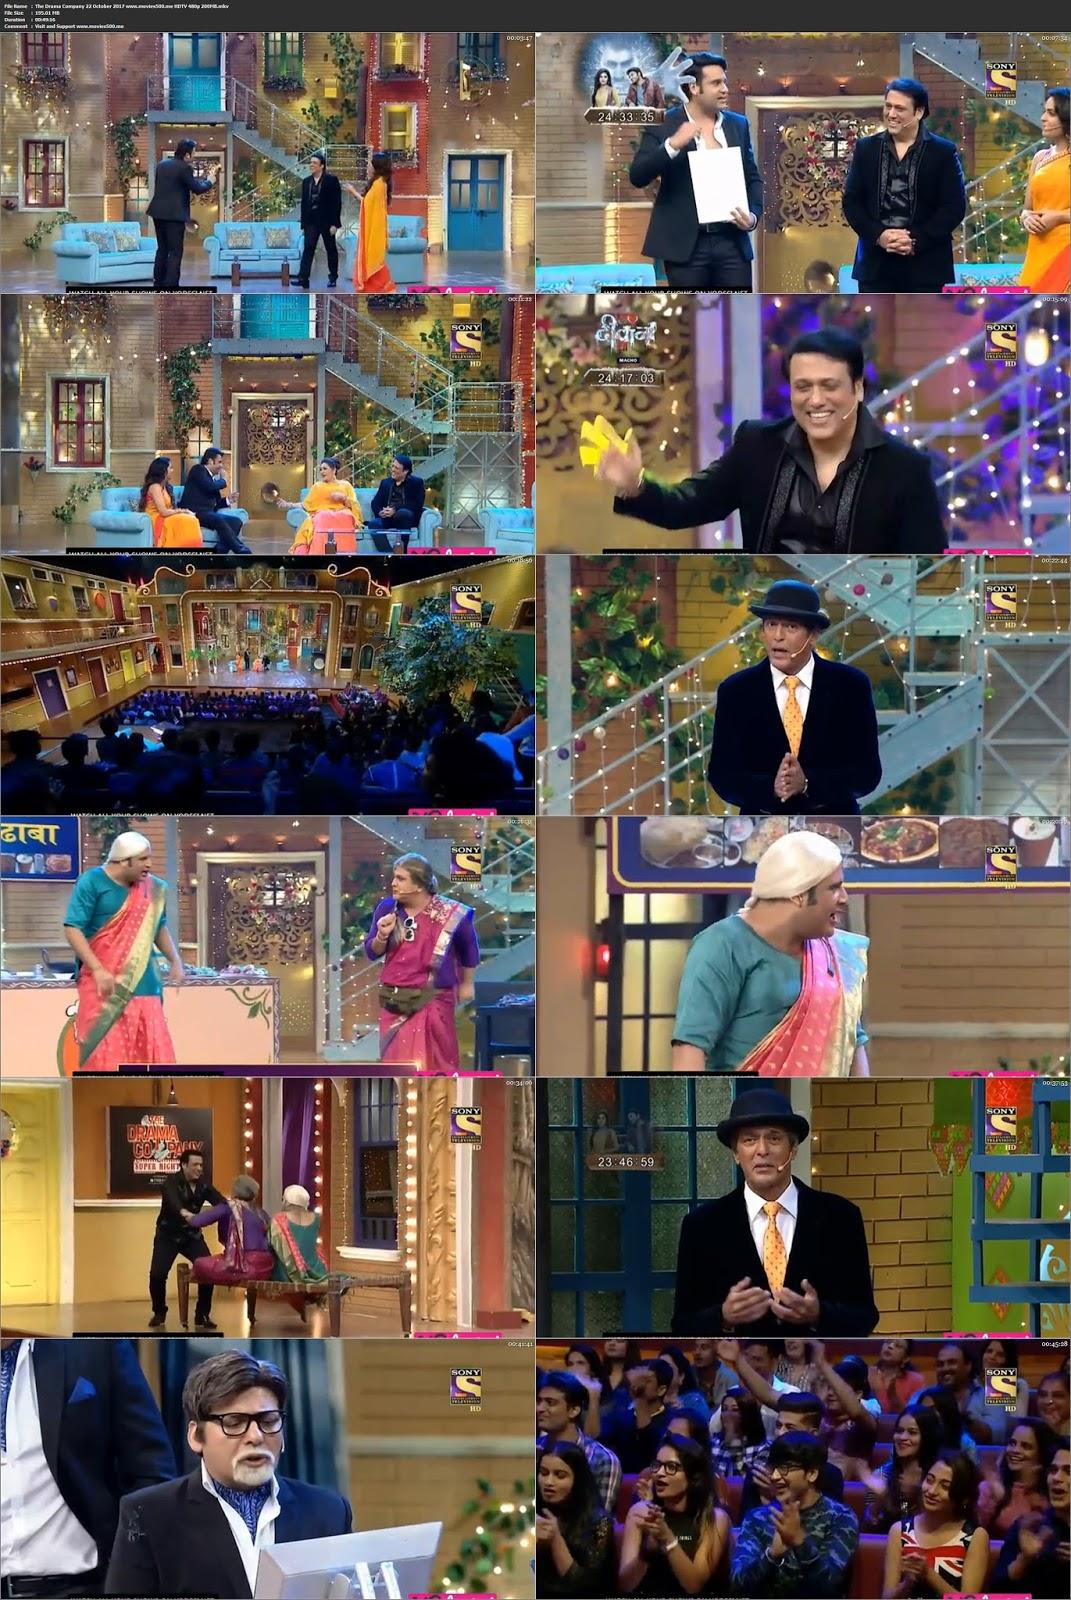 The Drama Company 22 October 2017 Full Show 195MB HDTV 480p at xn--o9jyb9aa09c103qnhe3m5i.com